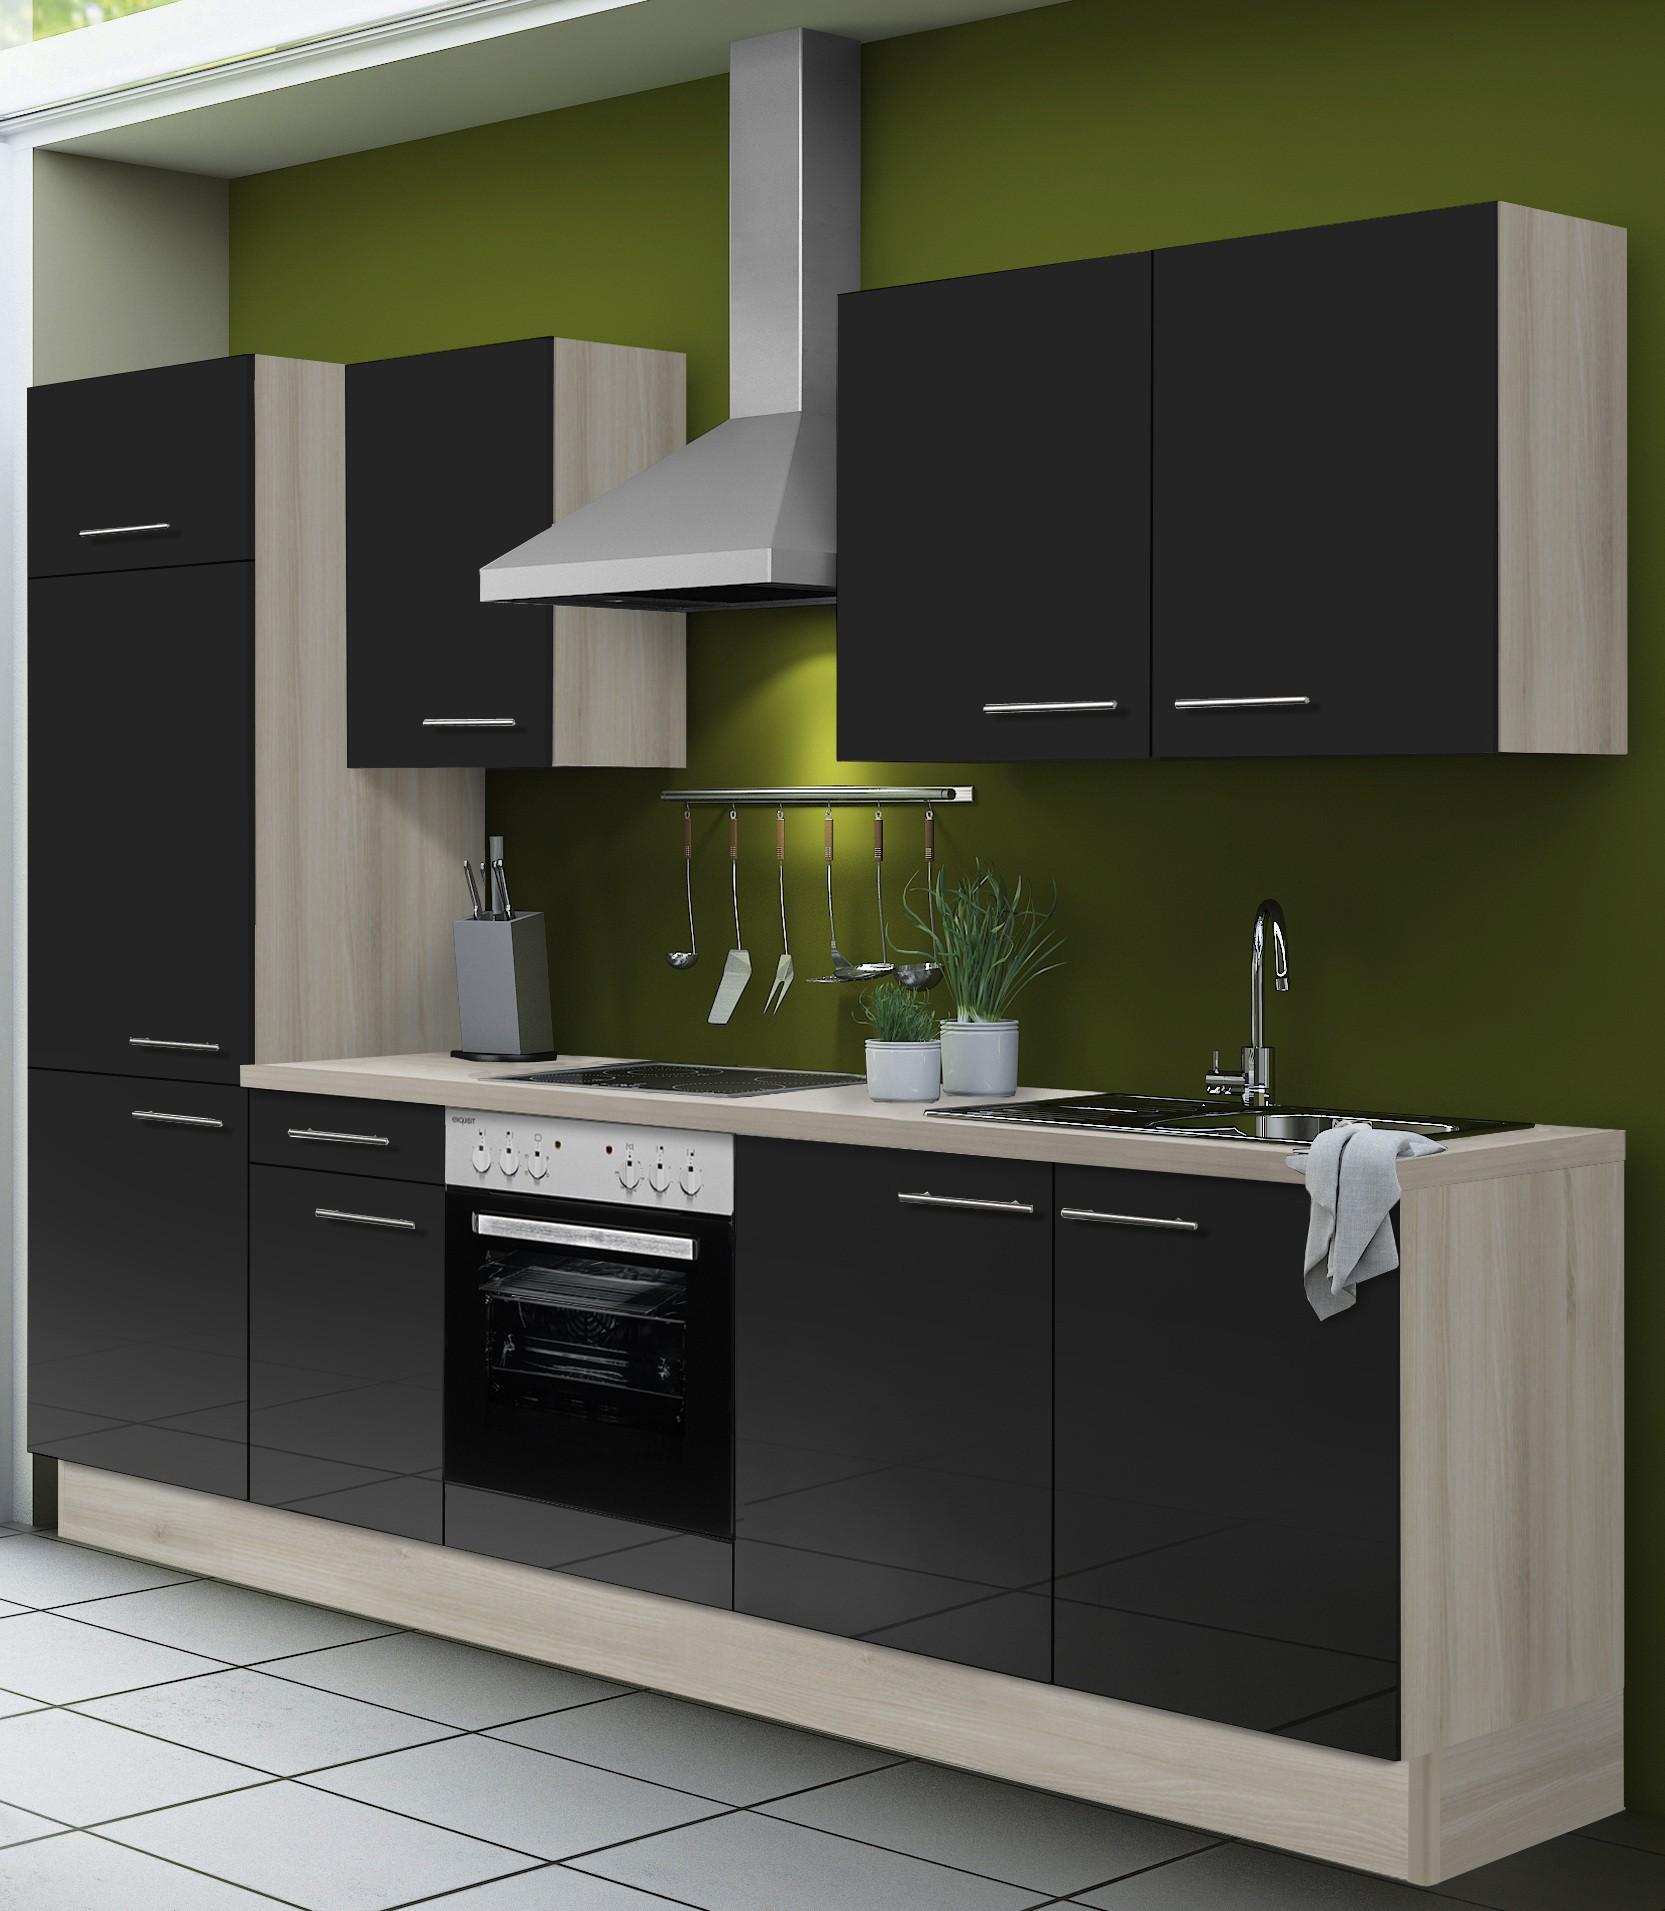 k chenzeile leon vario 2 1 k che mit e ger ten breite 270 cm braun k che k chenzeilen. Black Bedroom Furniture Sets. Home Design Ideas